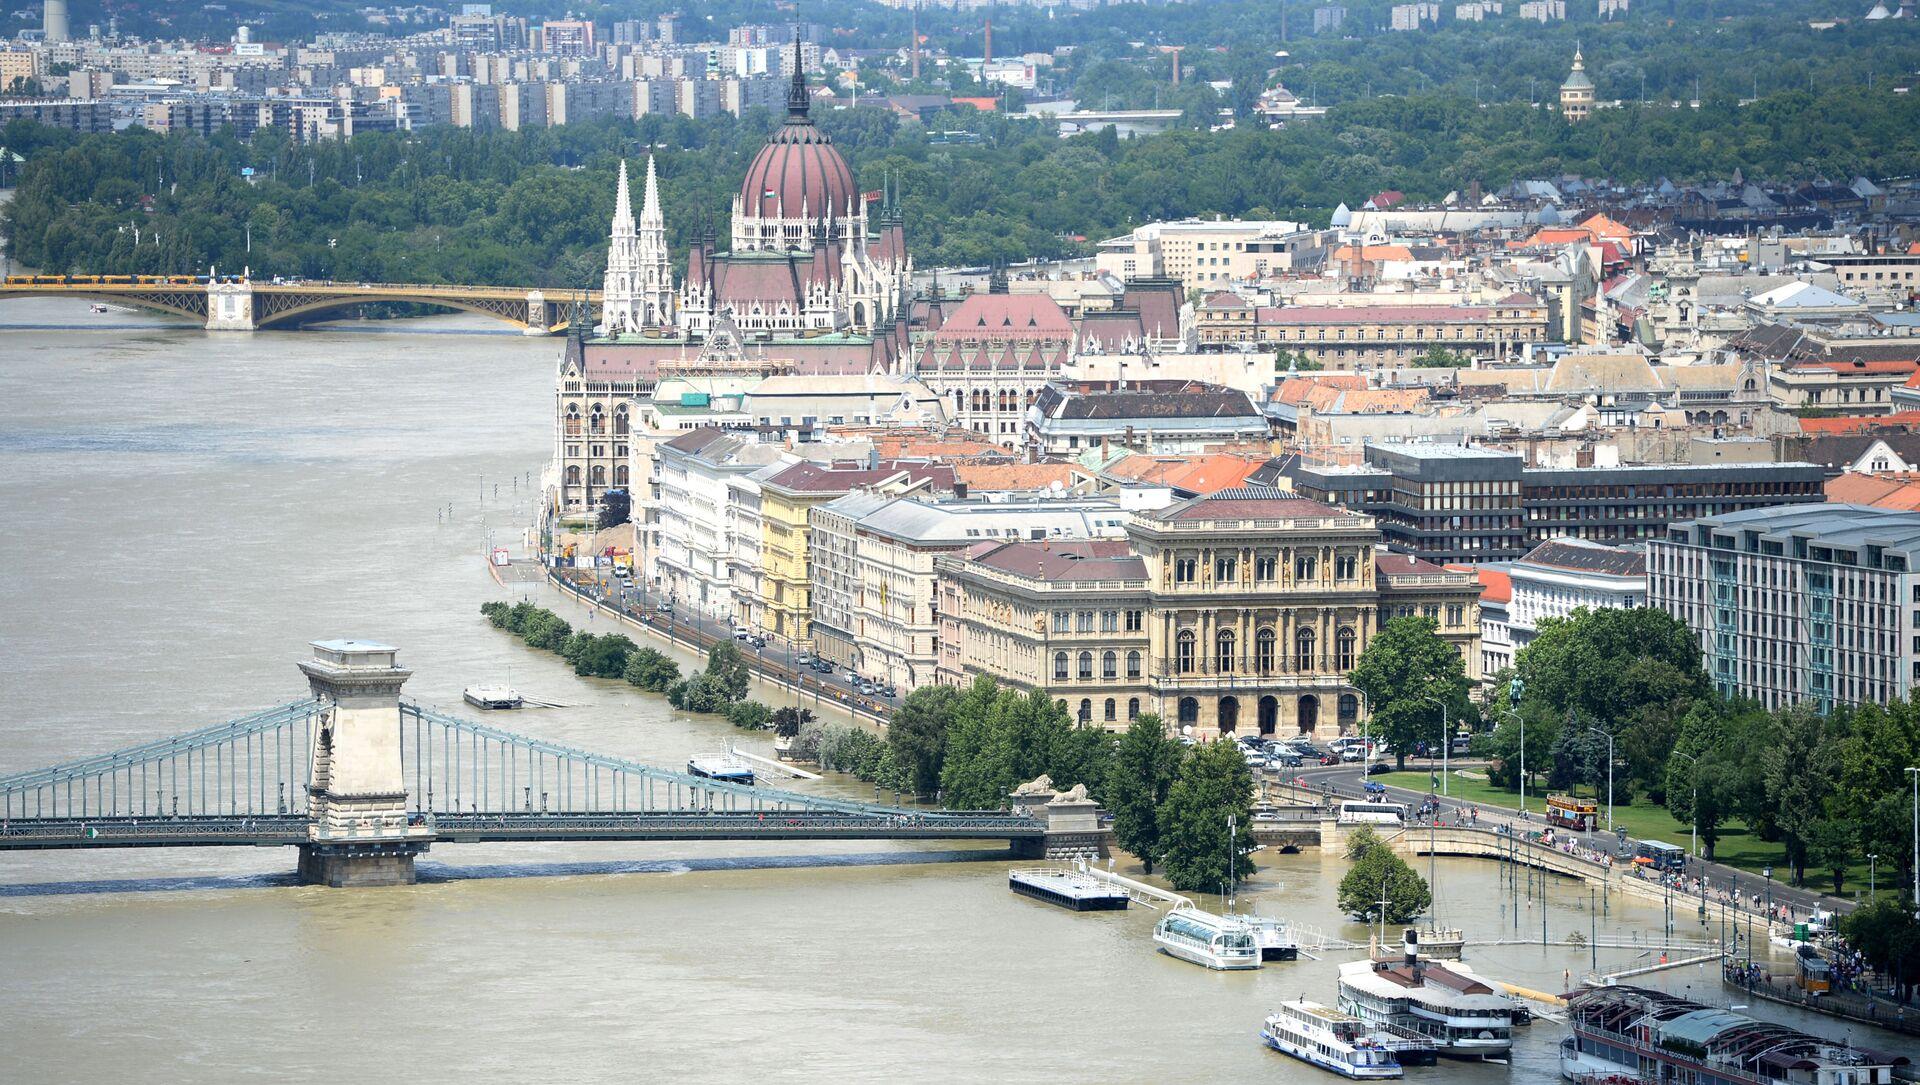 Вид на город Будапешт, фото из архива - Sputnik Азербайджан, 1920, 30.08.2021